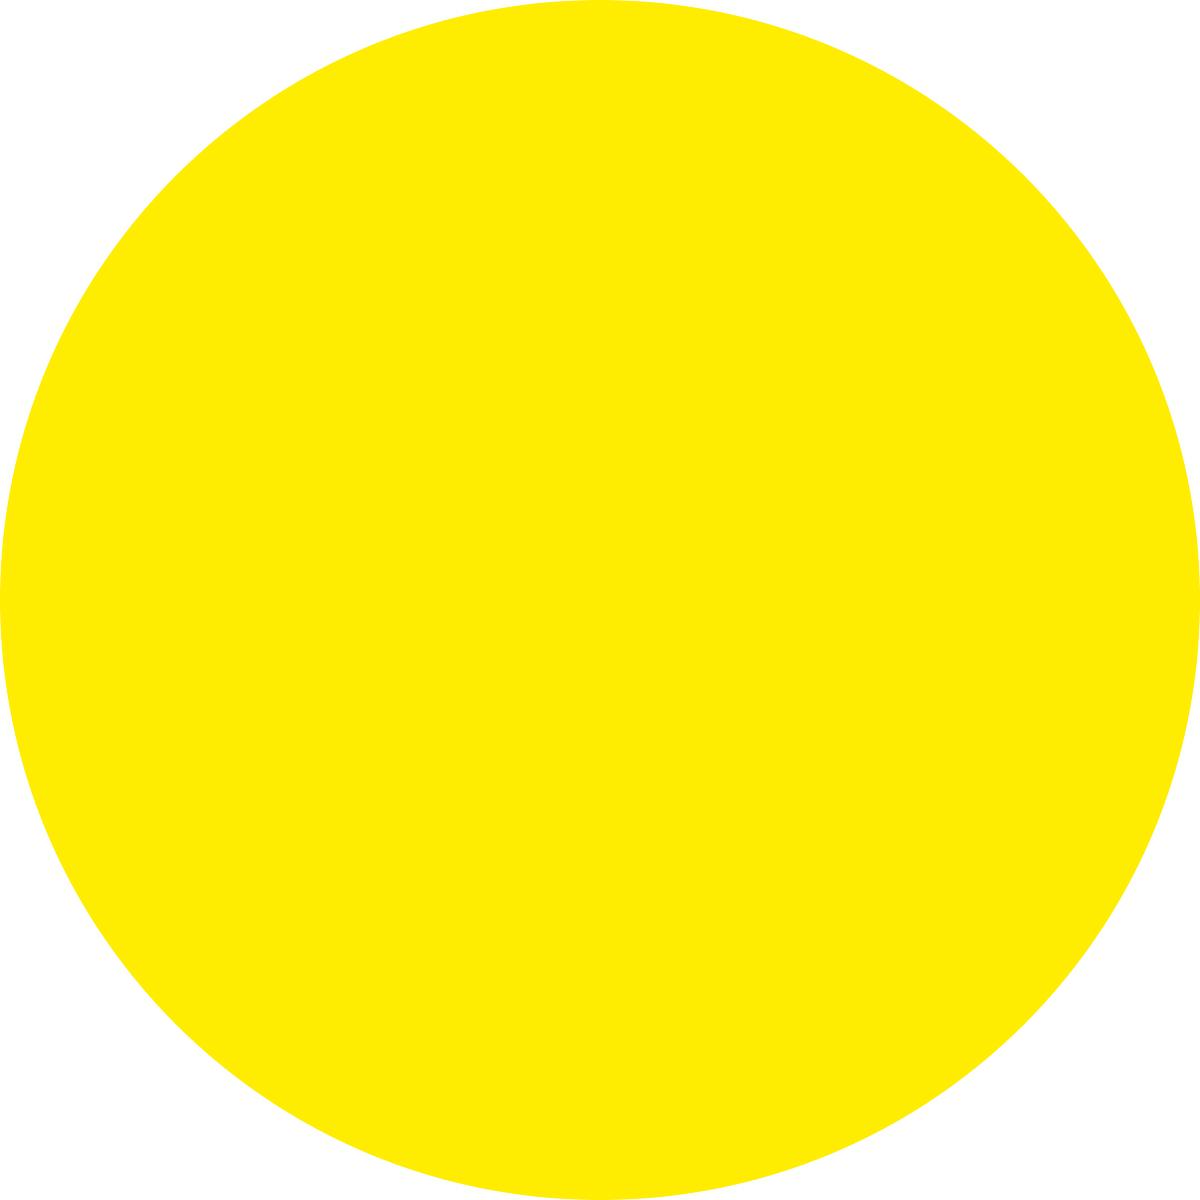 Наклейка информационная Оранжевый Слоник Желтый круг, для слабовидящих, 15 х 15 см